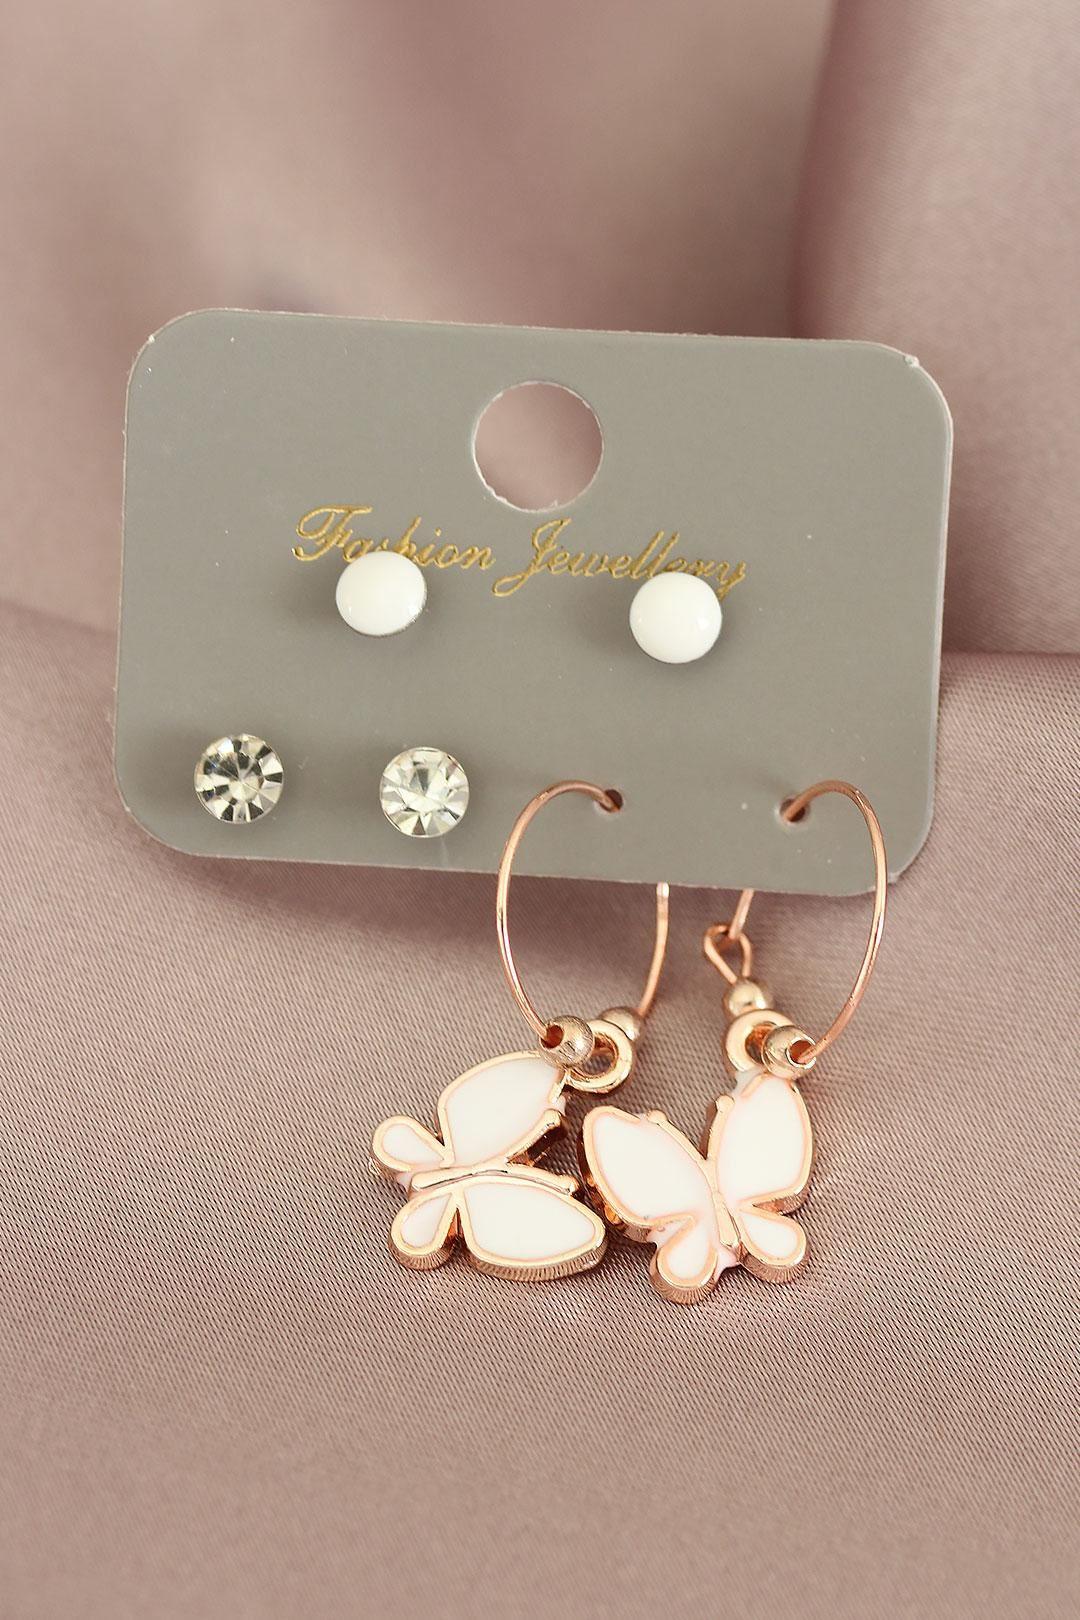 Beyaz Kelebek Tasarımlı Rose Renk Taşlı Kadın Küpe Seti